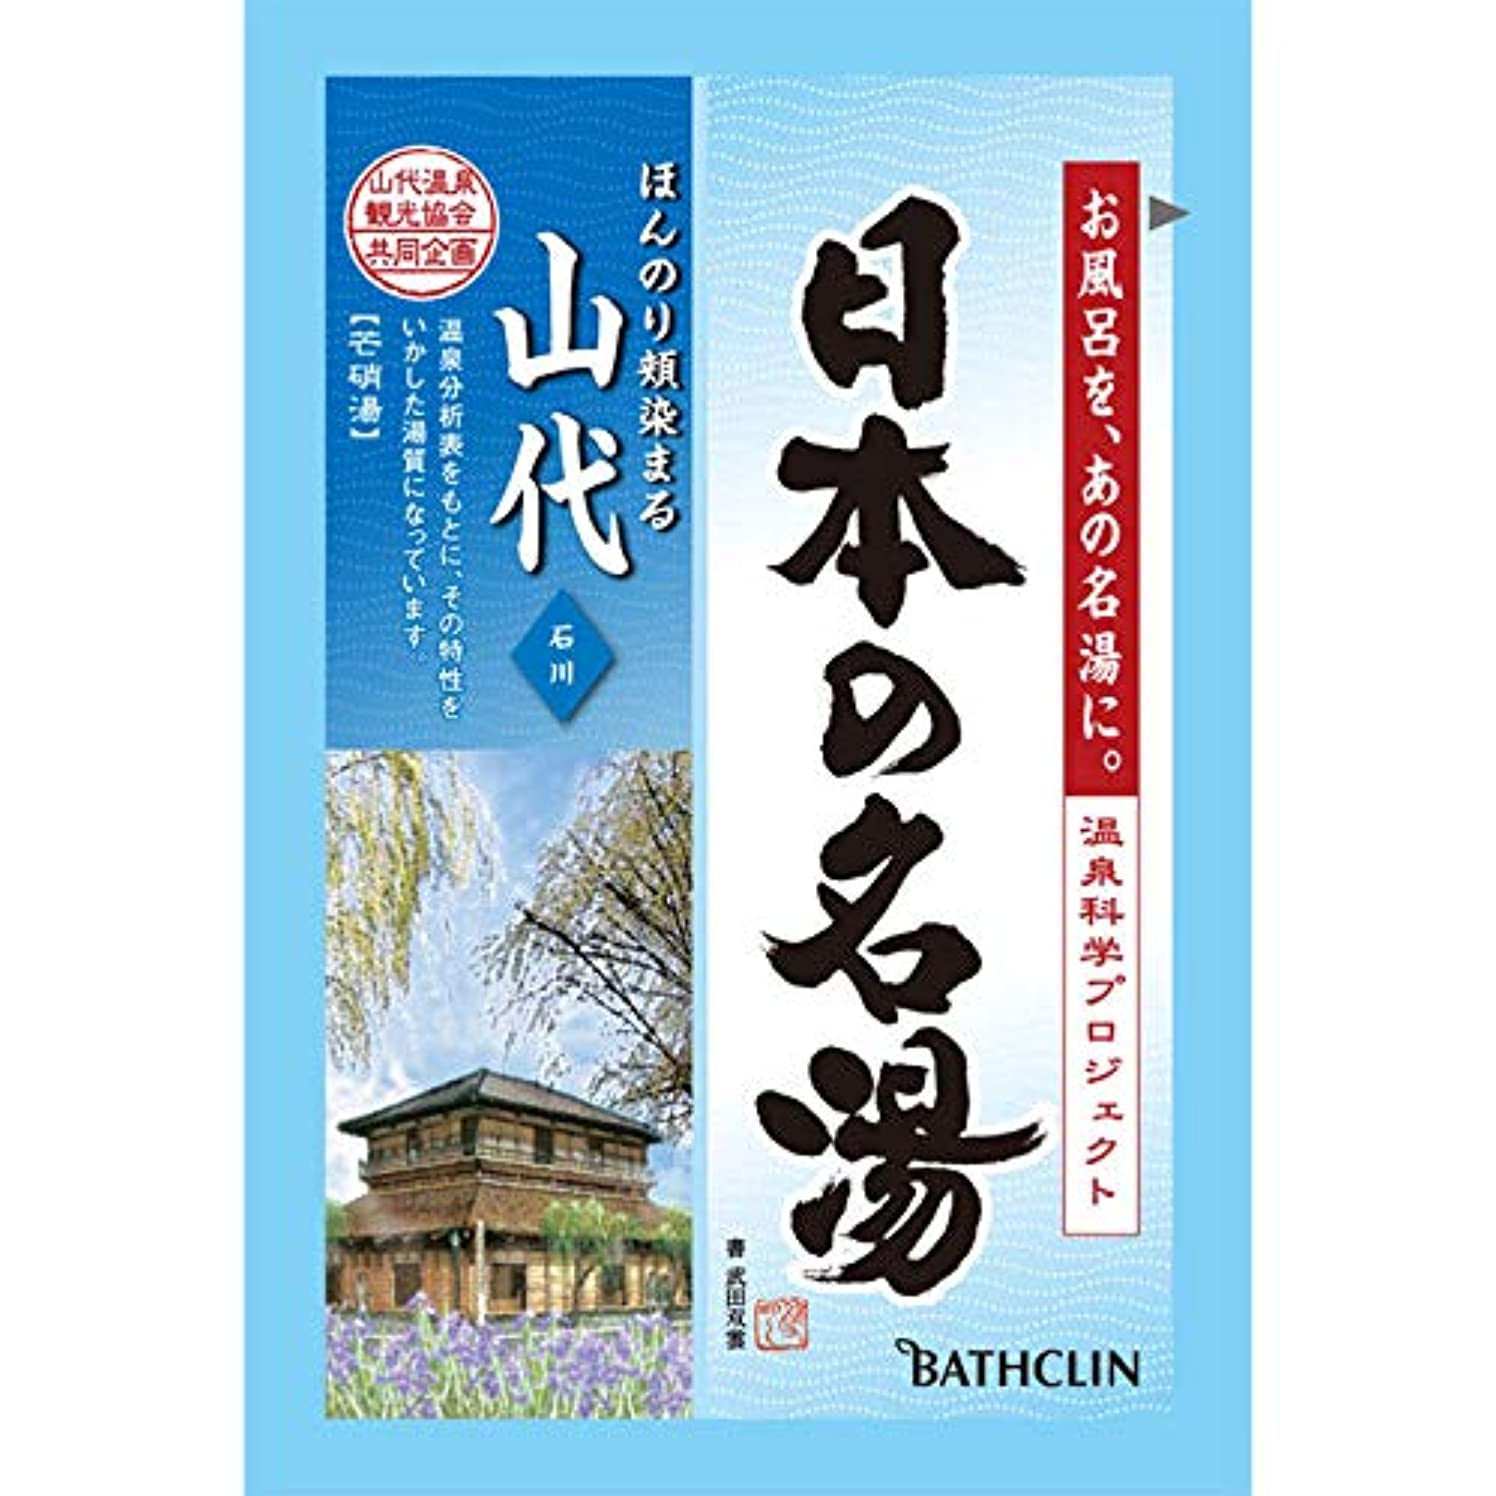 苗平らにする収穫バスクリン 日本の名湯 山代 30g